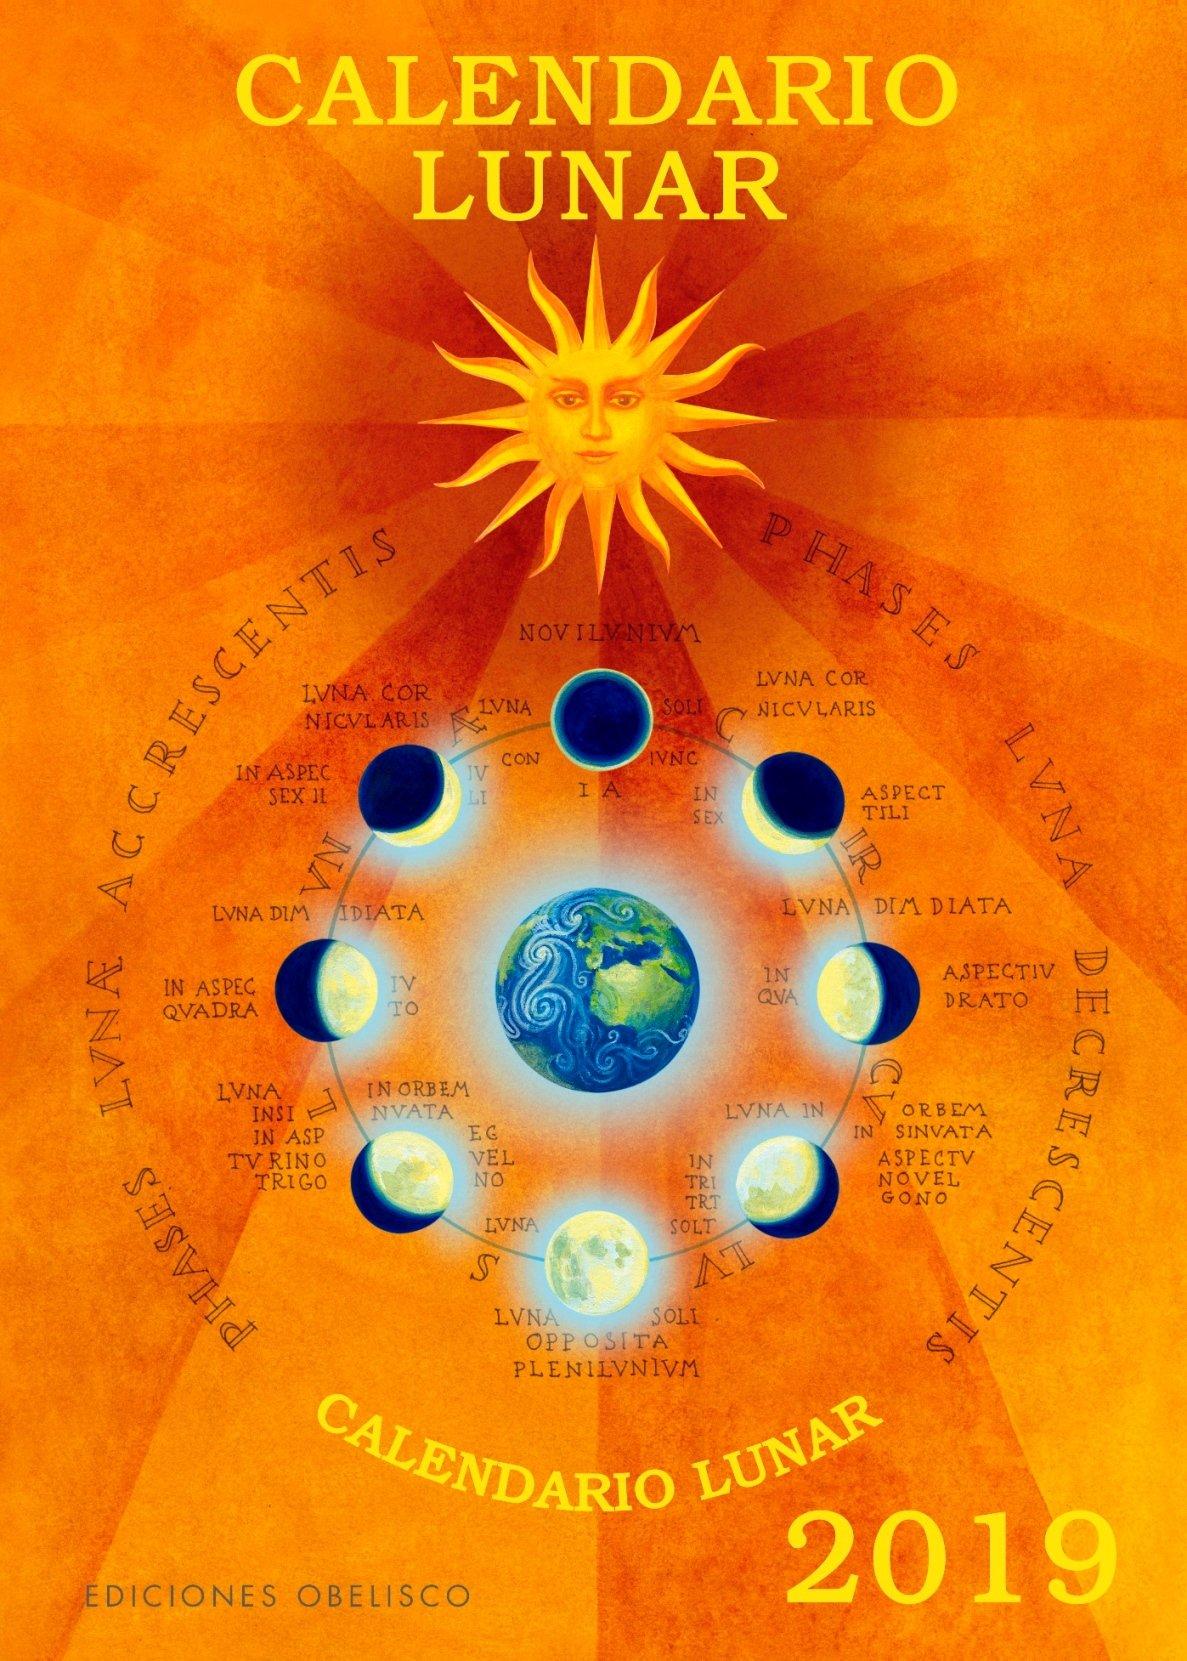 Calendario Lunar 2019 (AGENDAS) Tapa blanda – 3 sep 2018 Holdnaptar EDICIONES OBELISCO S.L. 8491113630 BODY